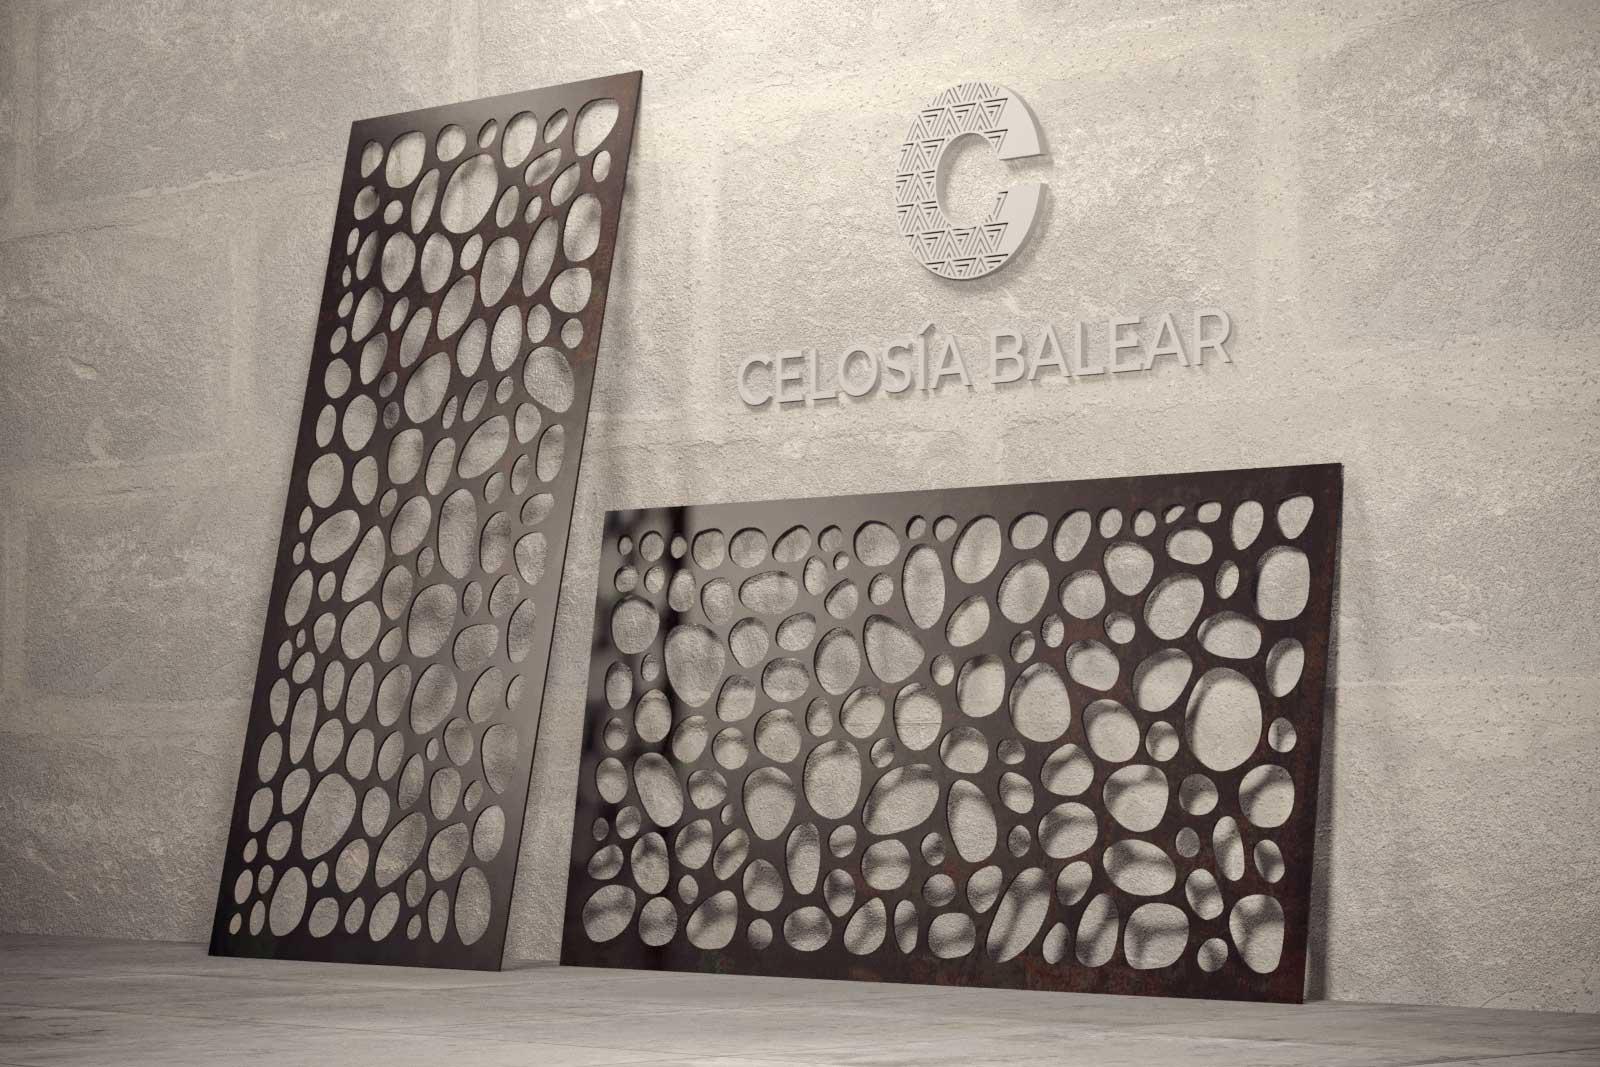 Formas orgánicas de piedras cortadas sobre placa metálica